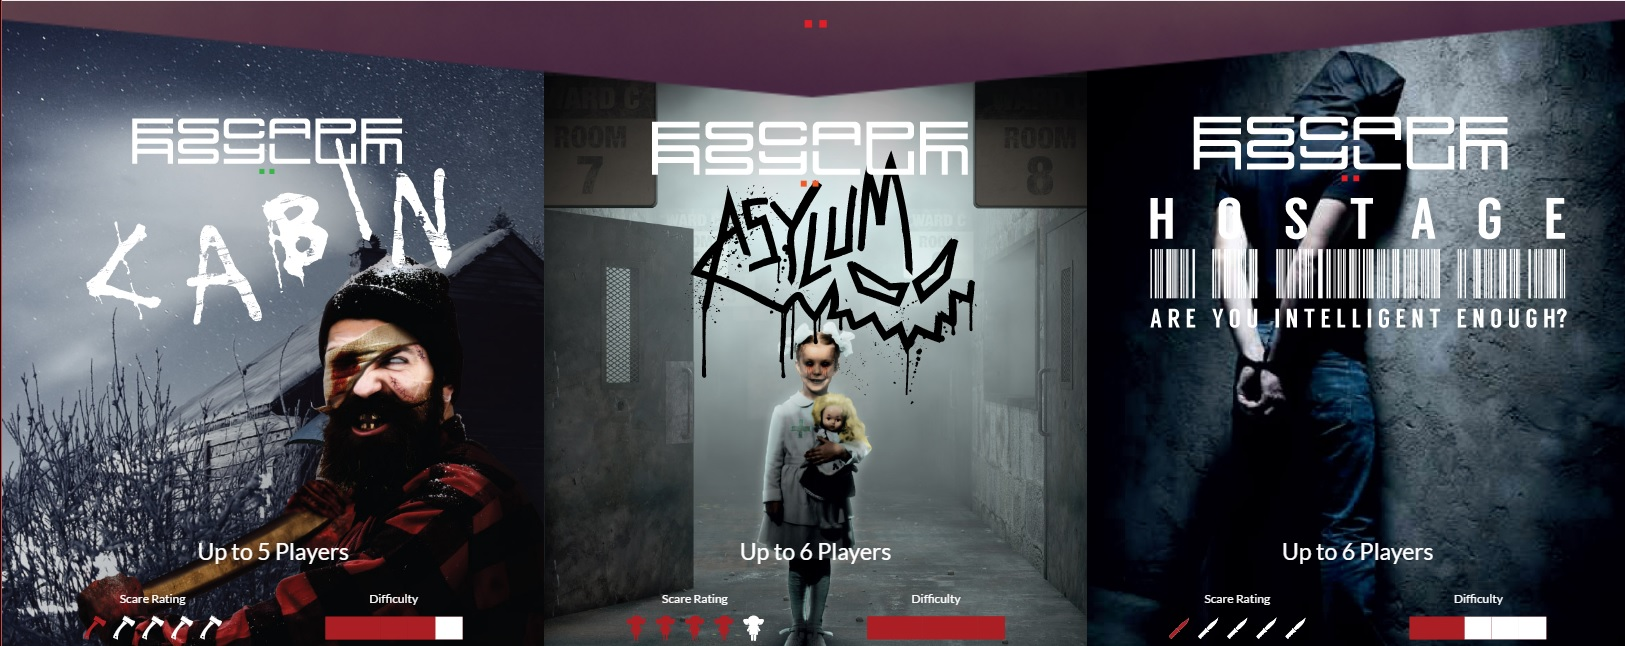 escape asylum Leicester